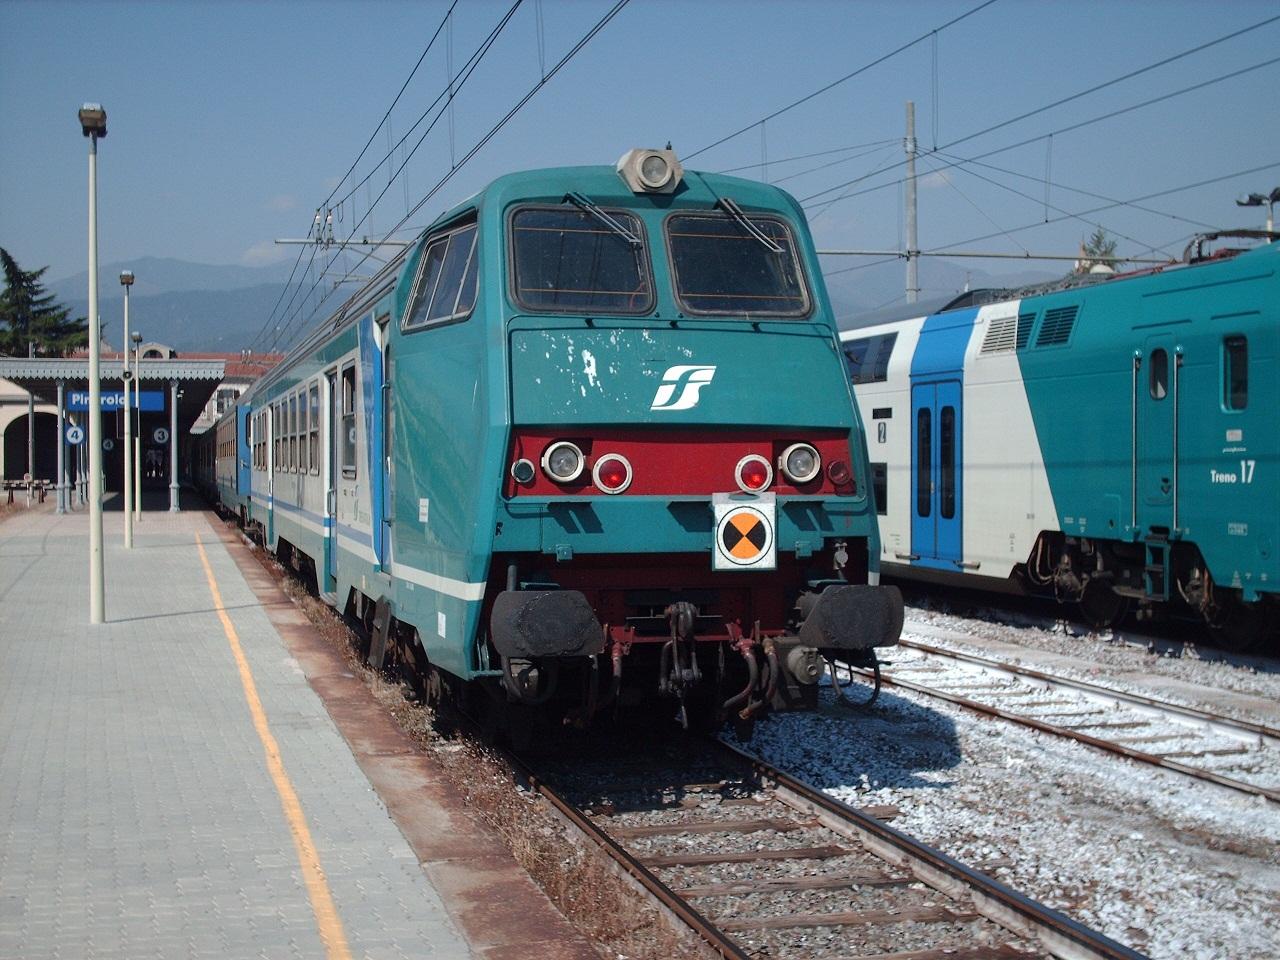 In Calabria puntuali quasi 9 treni su 10, Trenitalia rende note le cifre del 2017